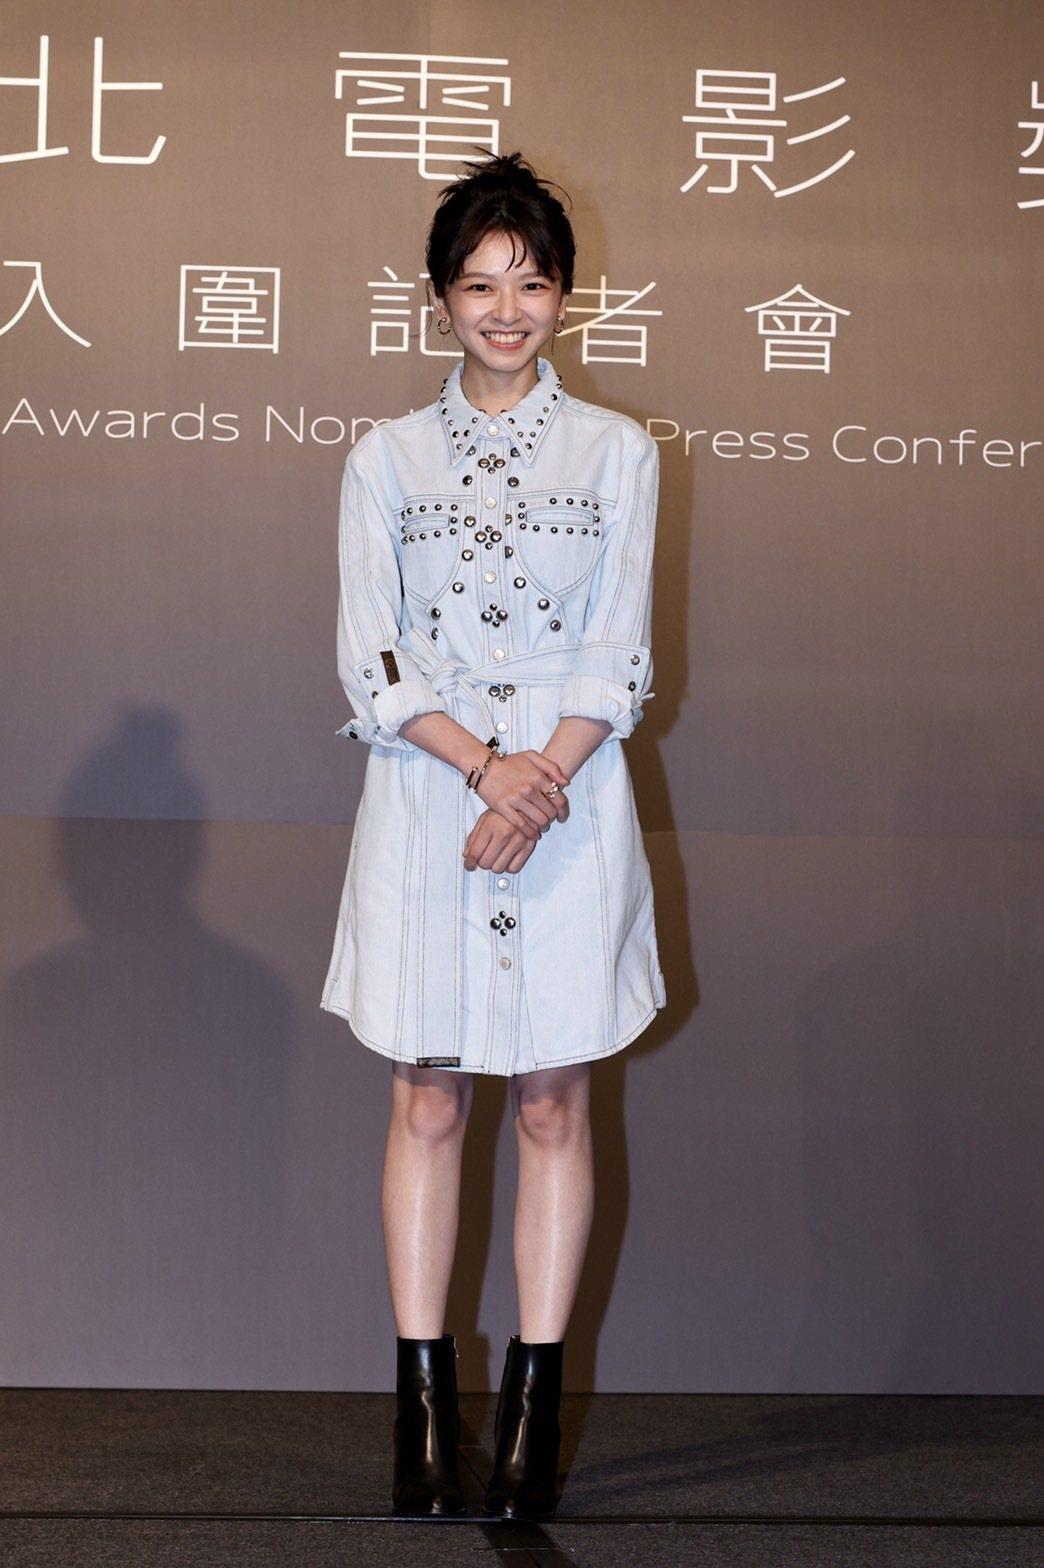 陳姸霏以「無聲」提名台北電影獎最佳新人獎。記者李政龍/攝影